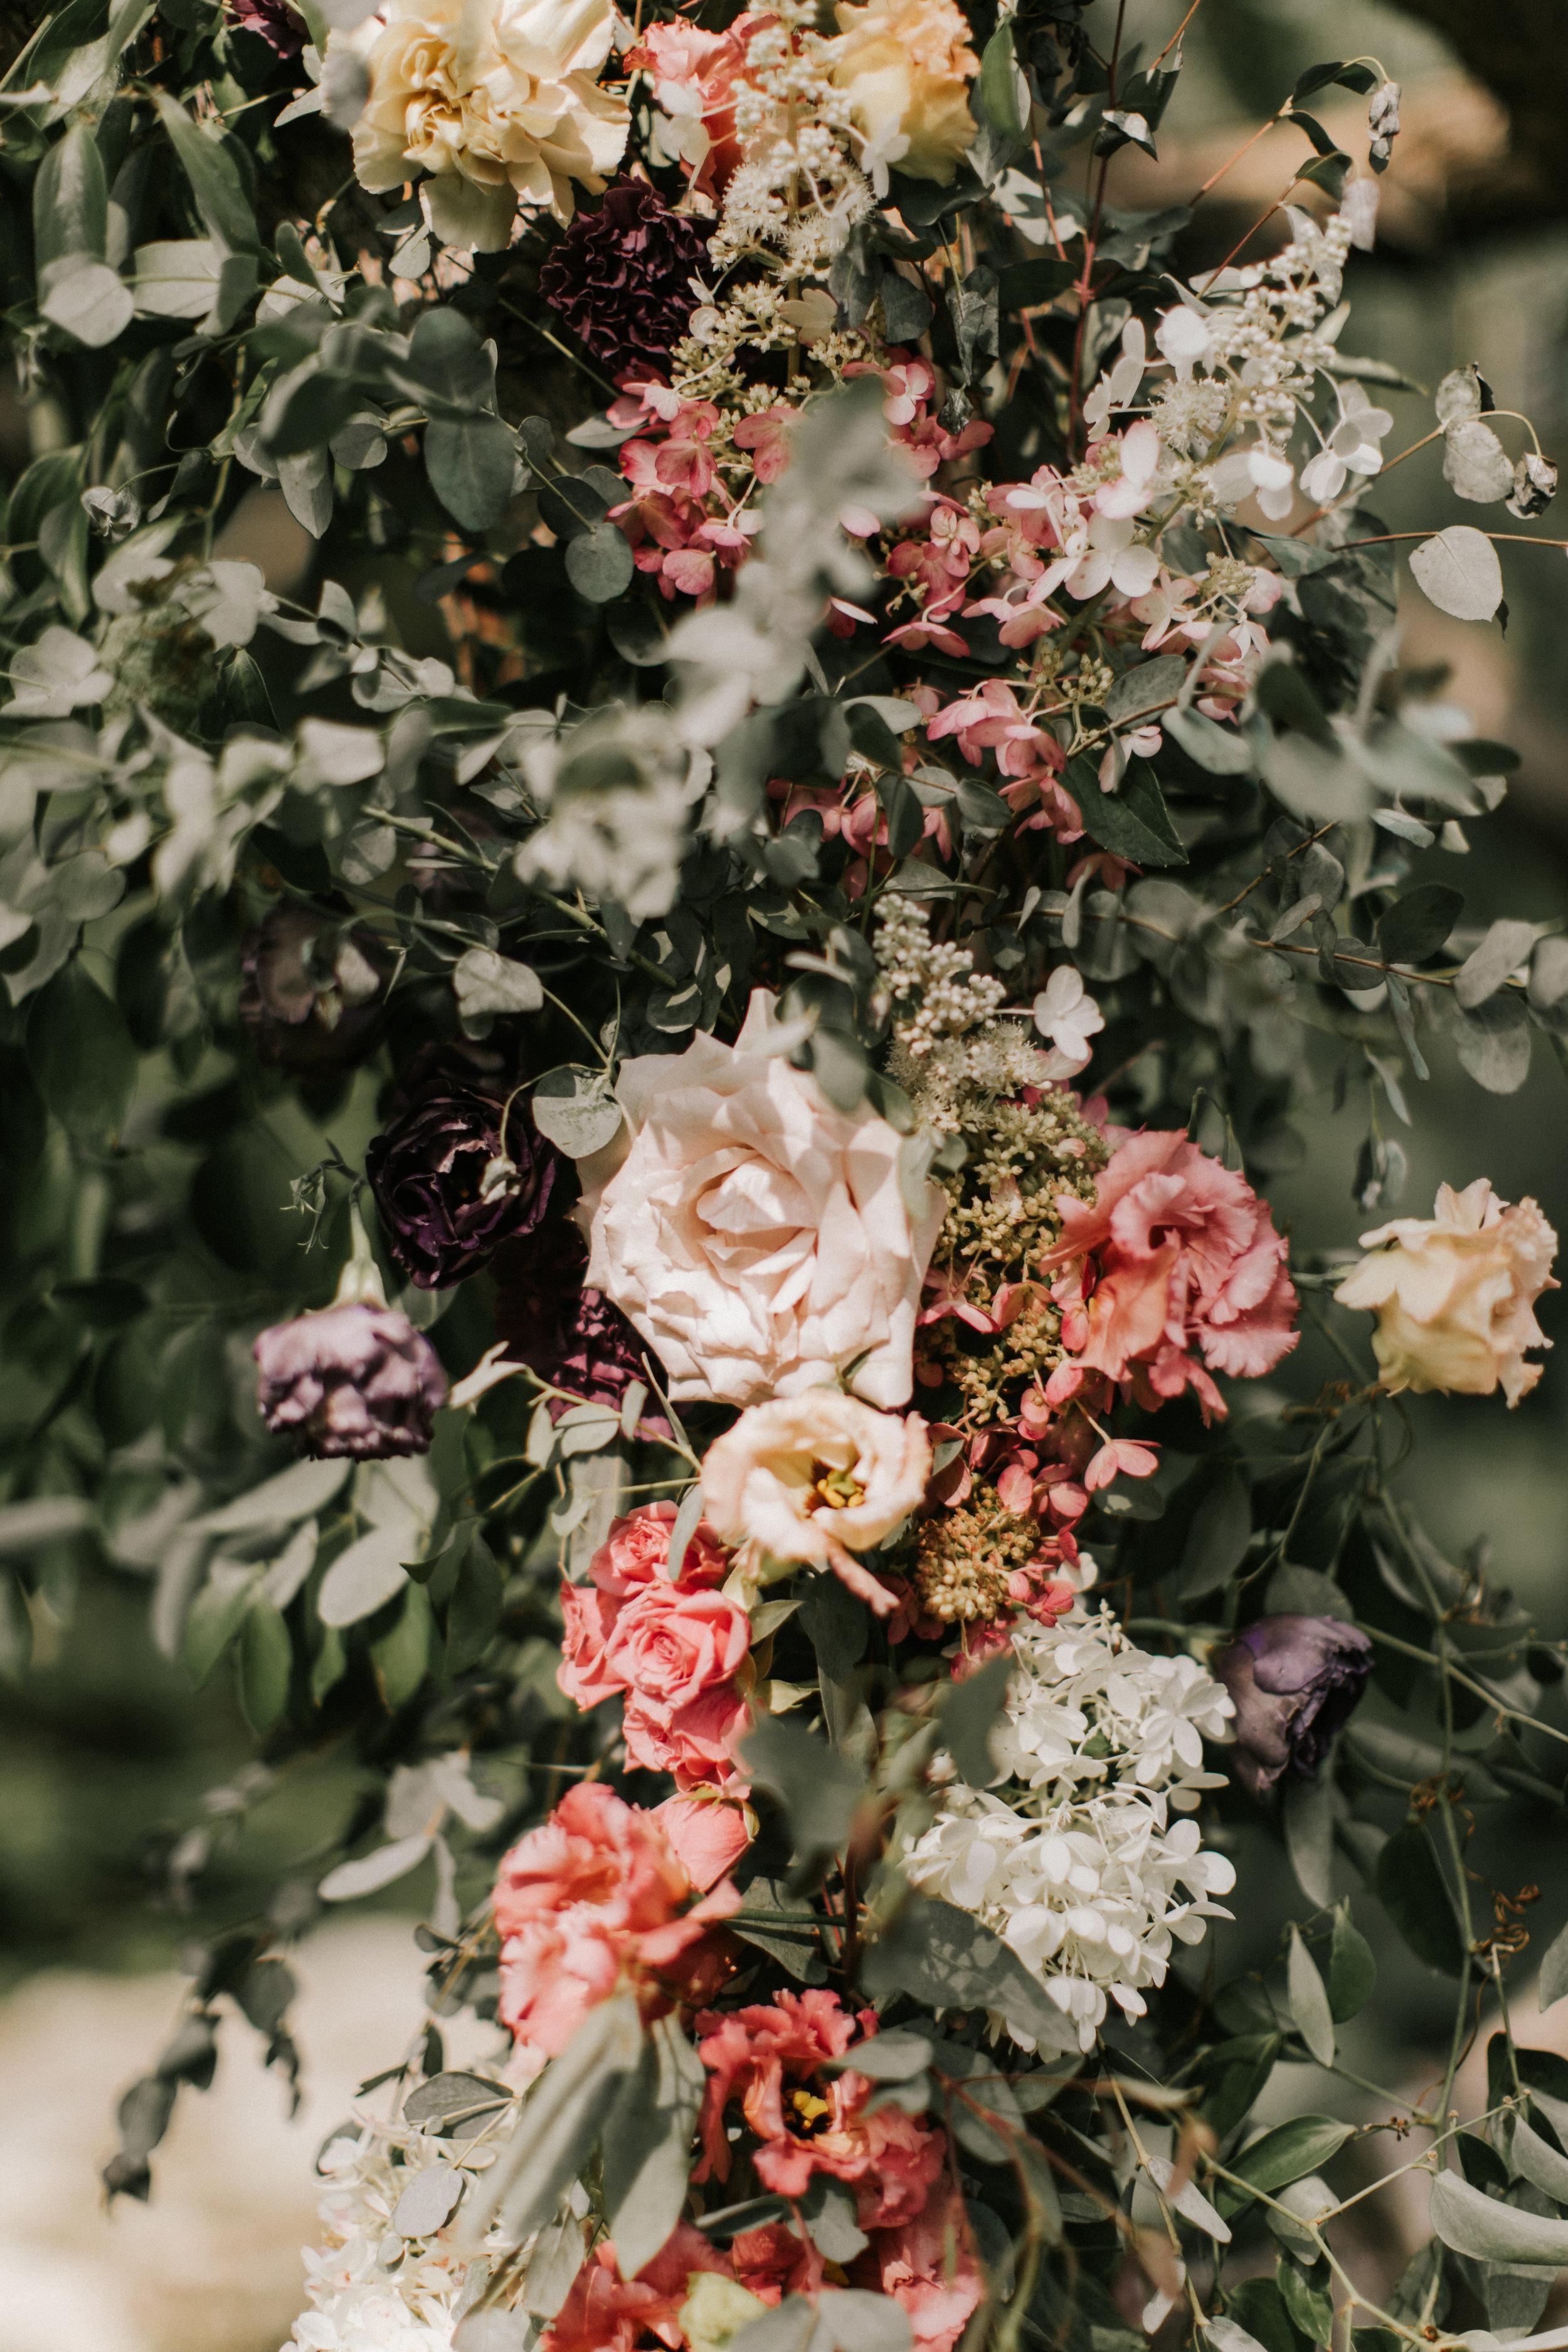 Watershed_Floral_Hidden_Pond_Melia+Kyle_jamiemercuriophoto2018-0168.jpg